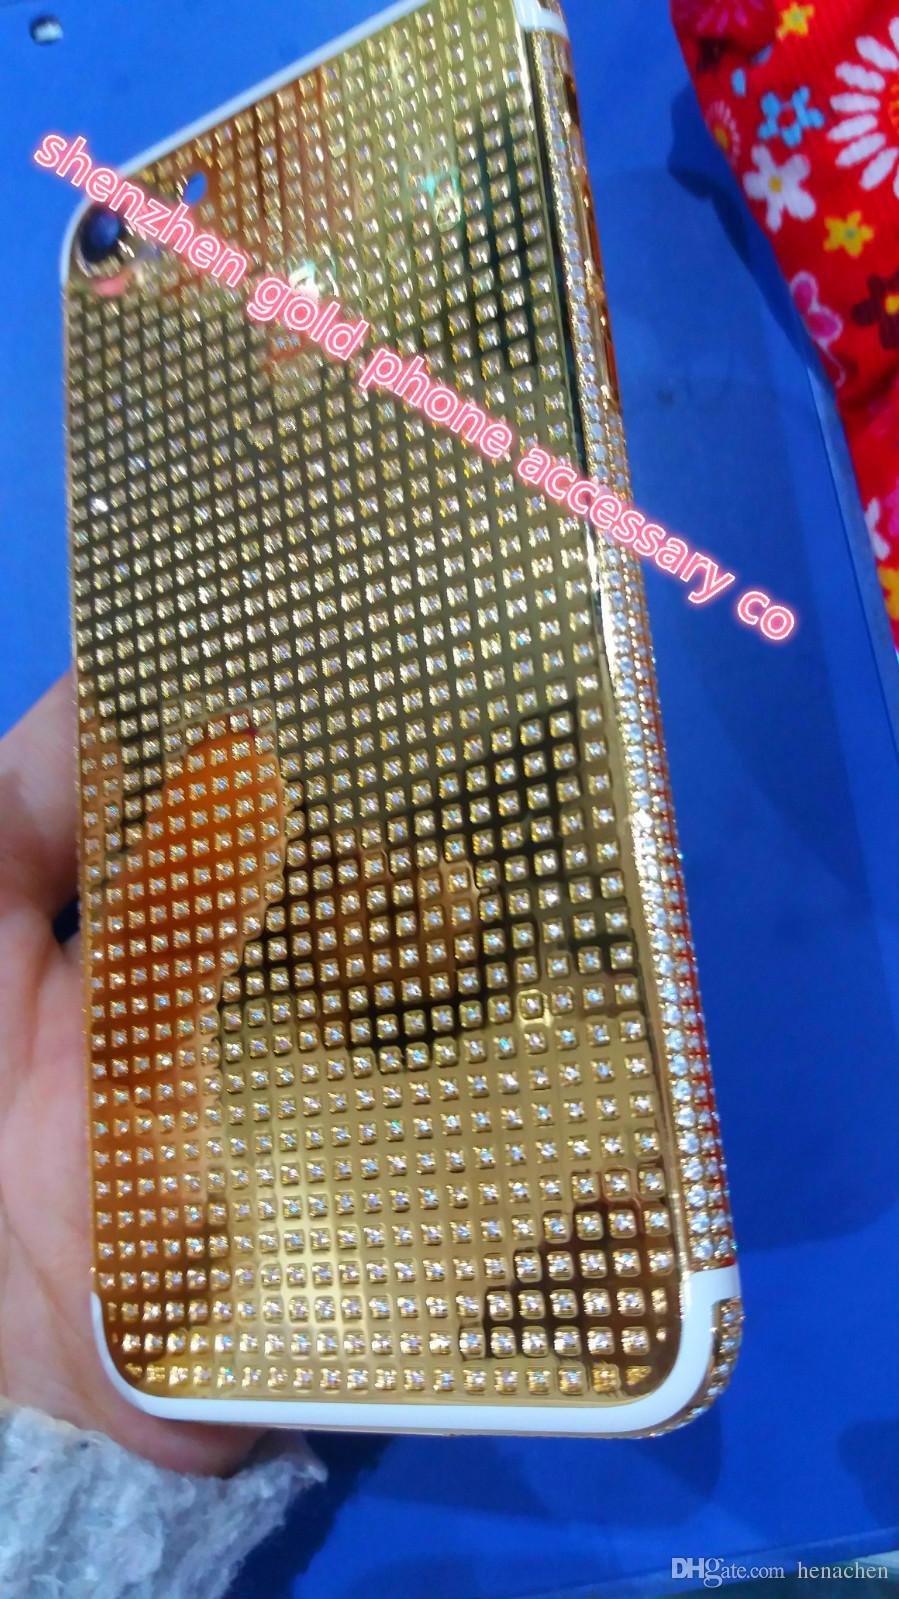 La mayoría de las carcasas de diamantes con diseño de lujo para iphone7 24K 24CT 24KT Espejo GOLD Full Diamond Crystals Contraportada Carcasa Marco intermedio